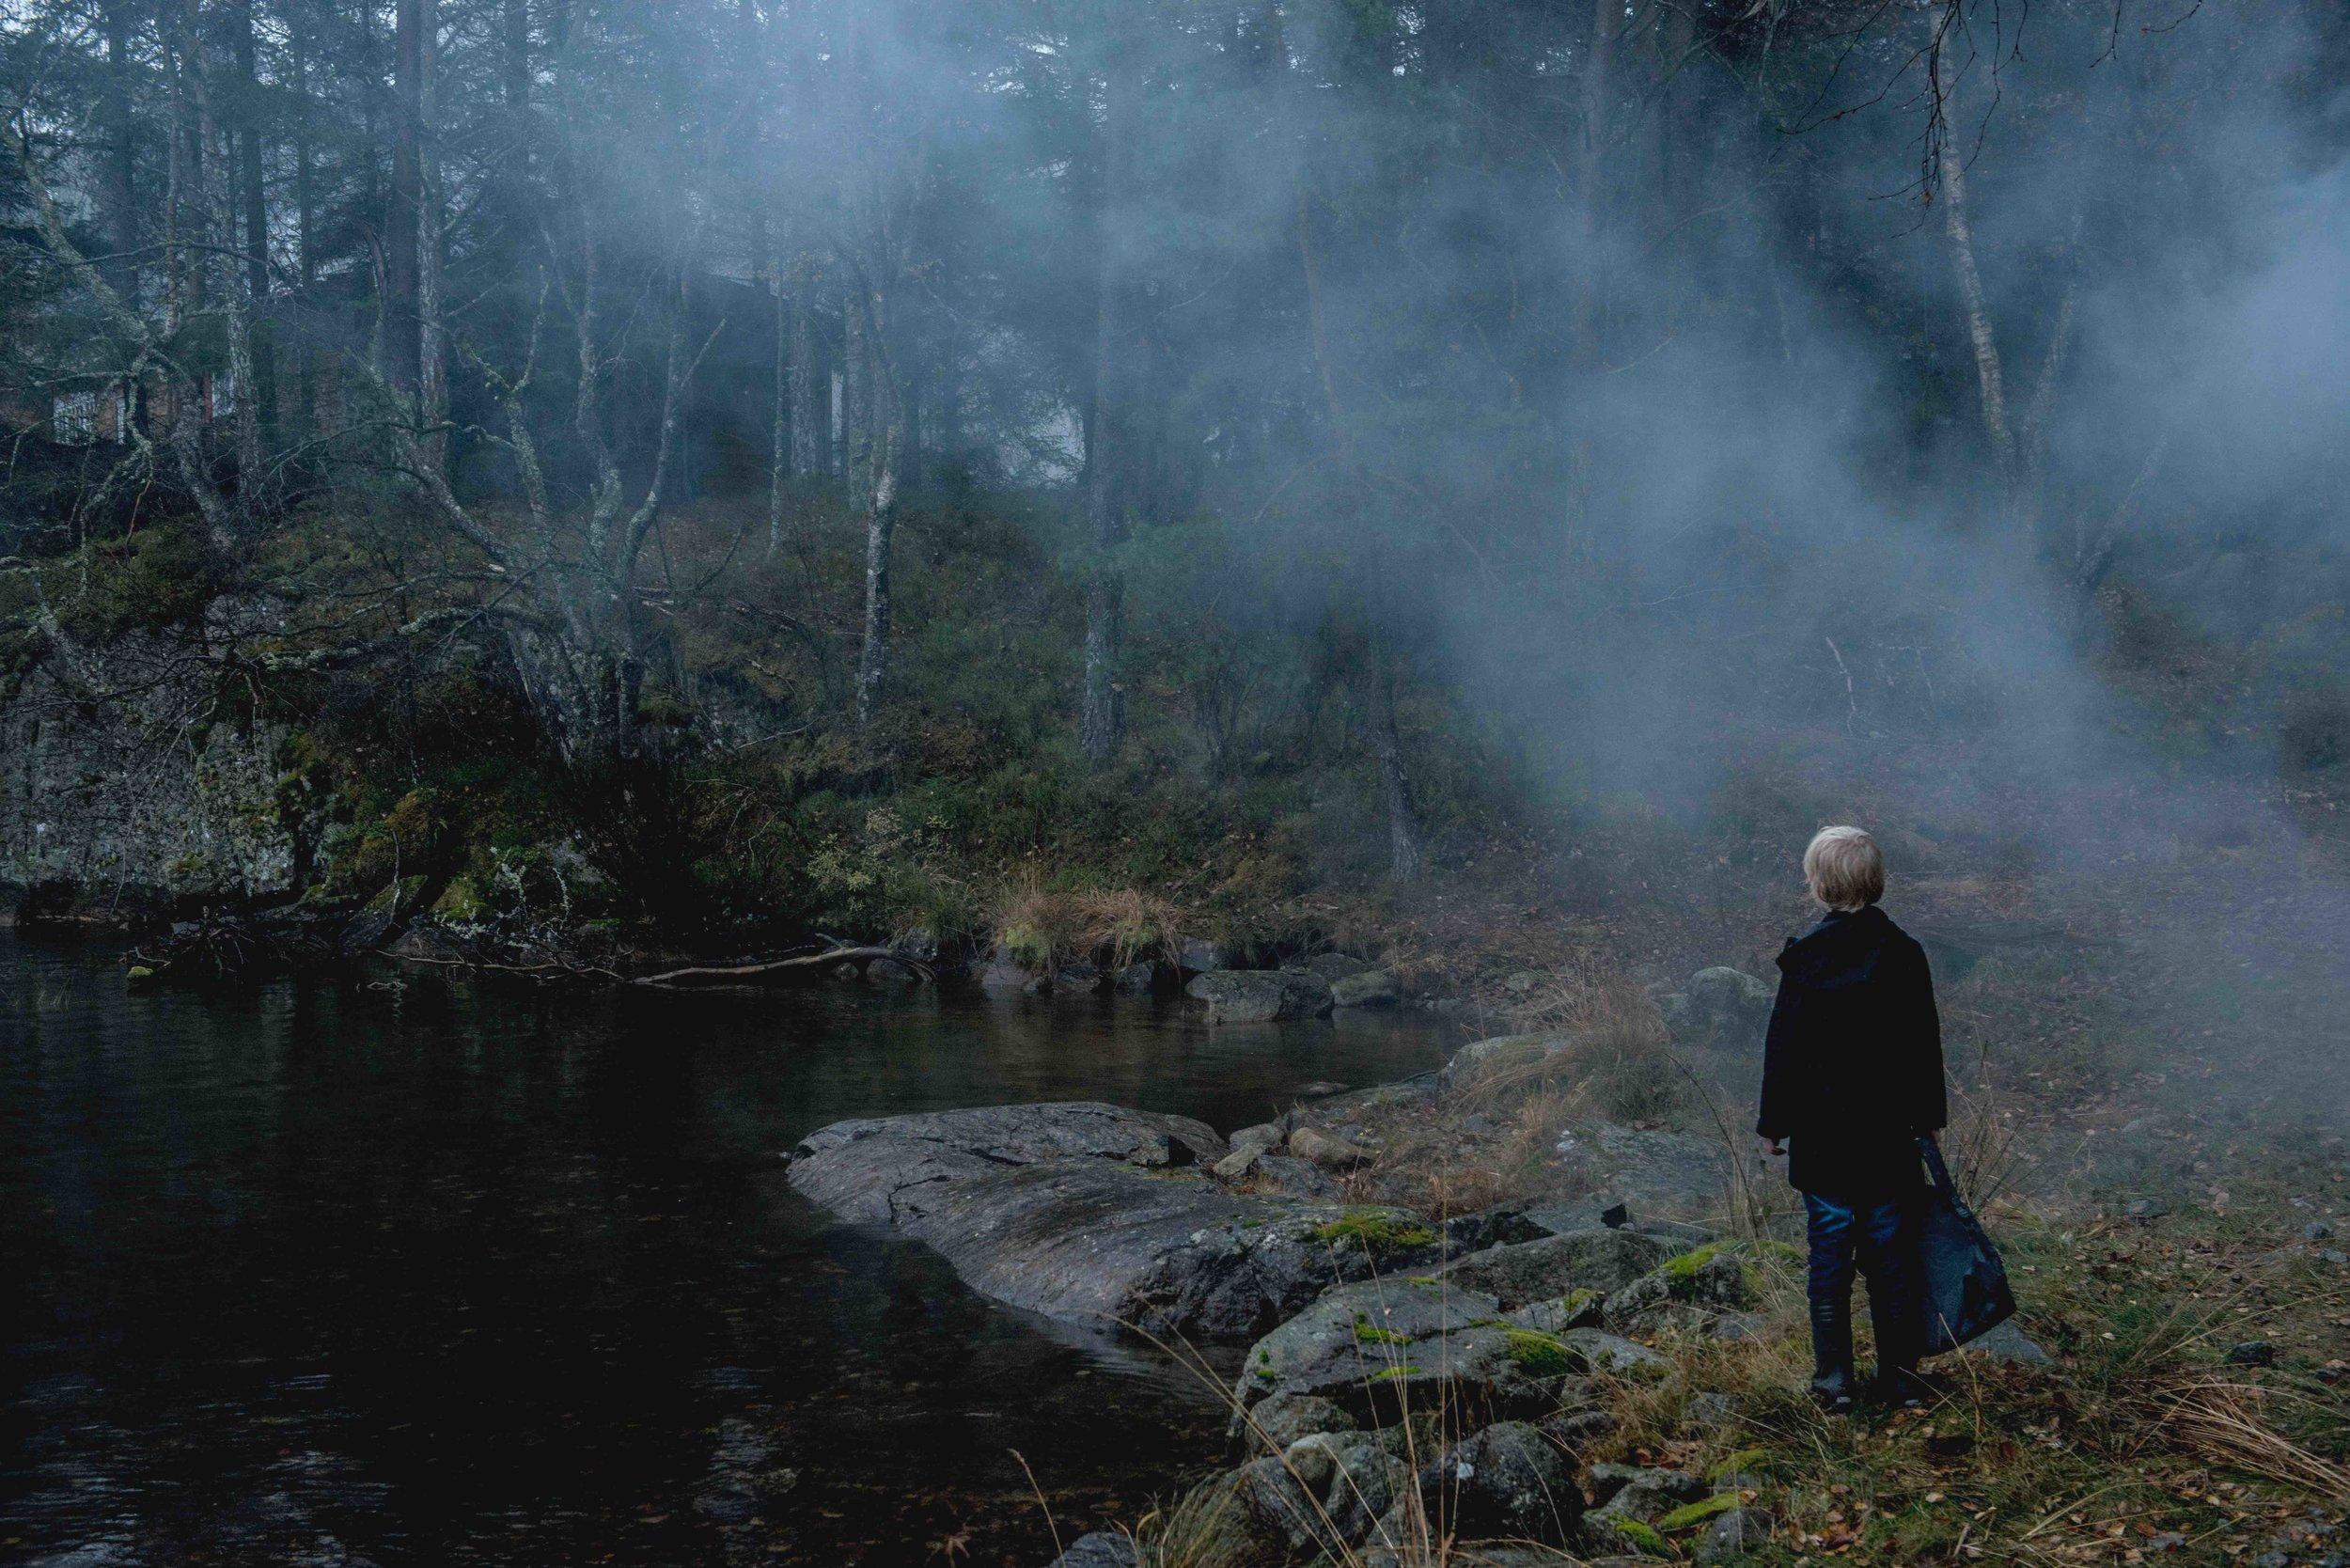 Still fra Skyggenes dal (Valley of Shadows).